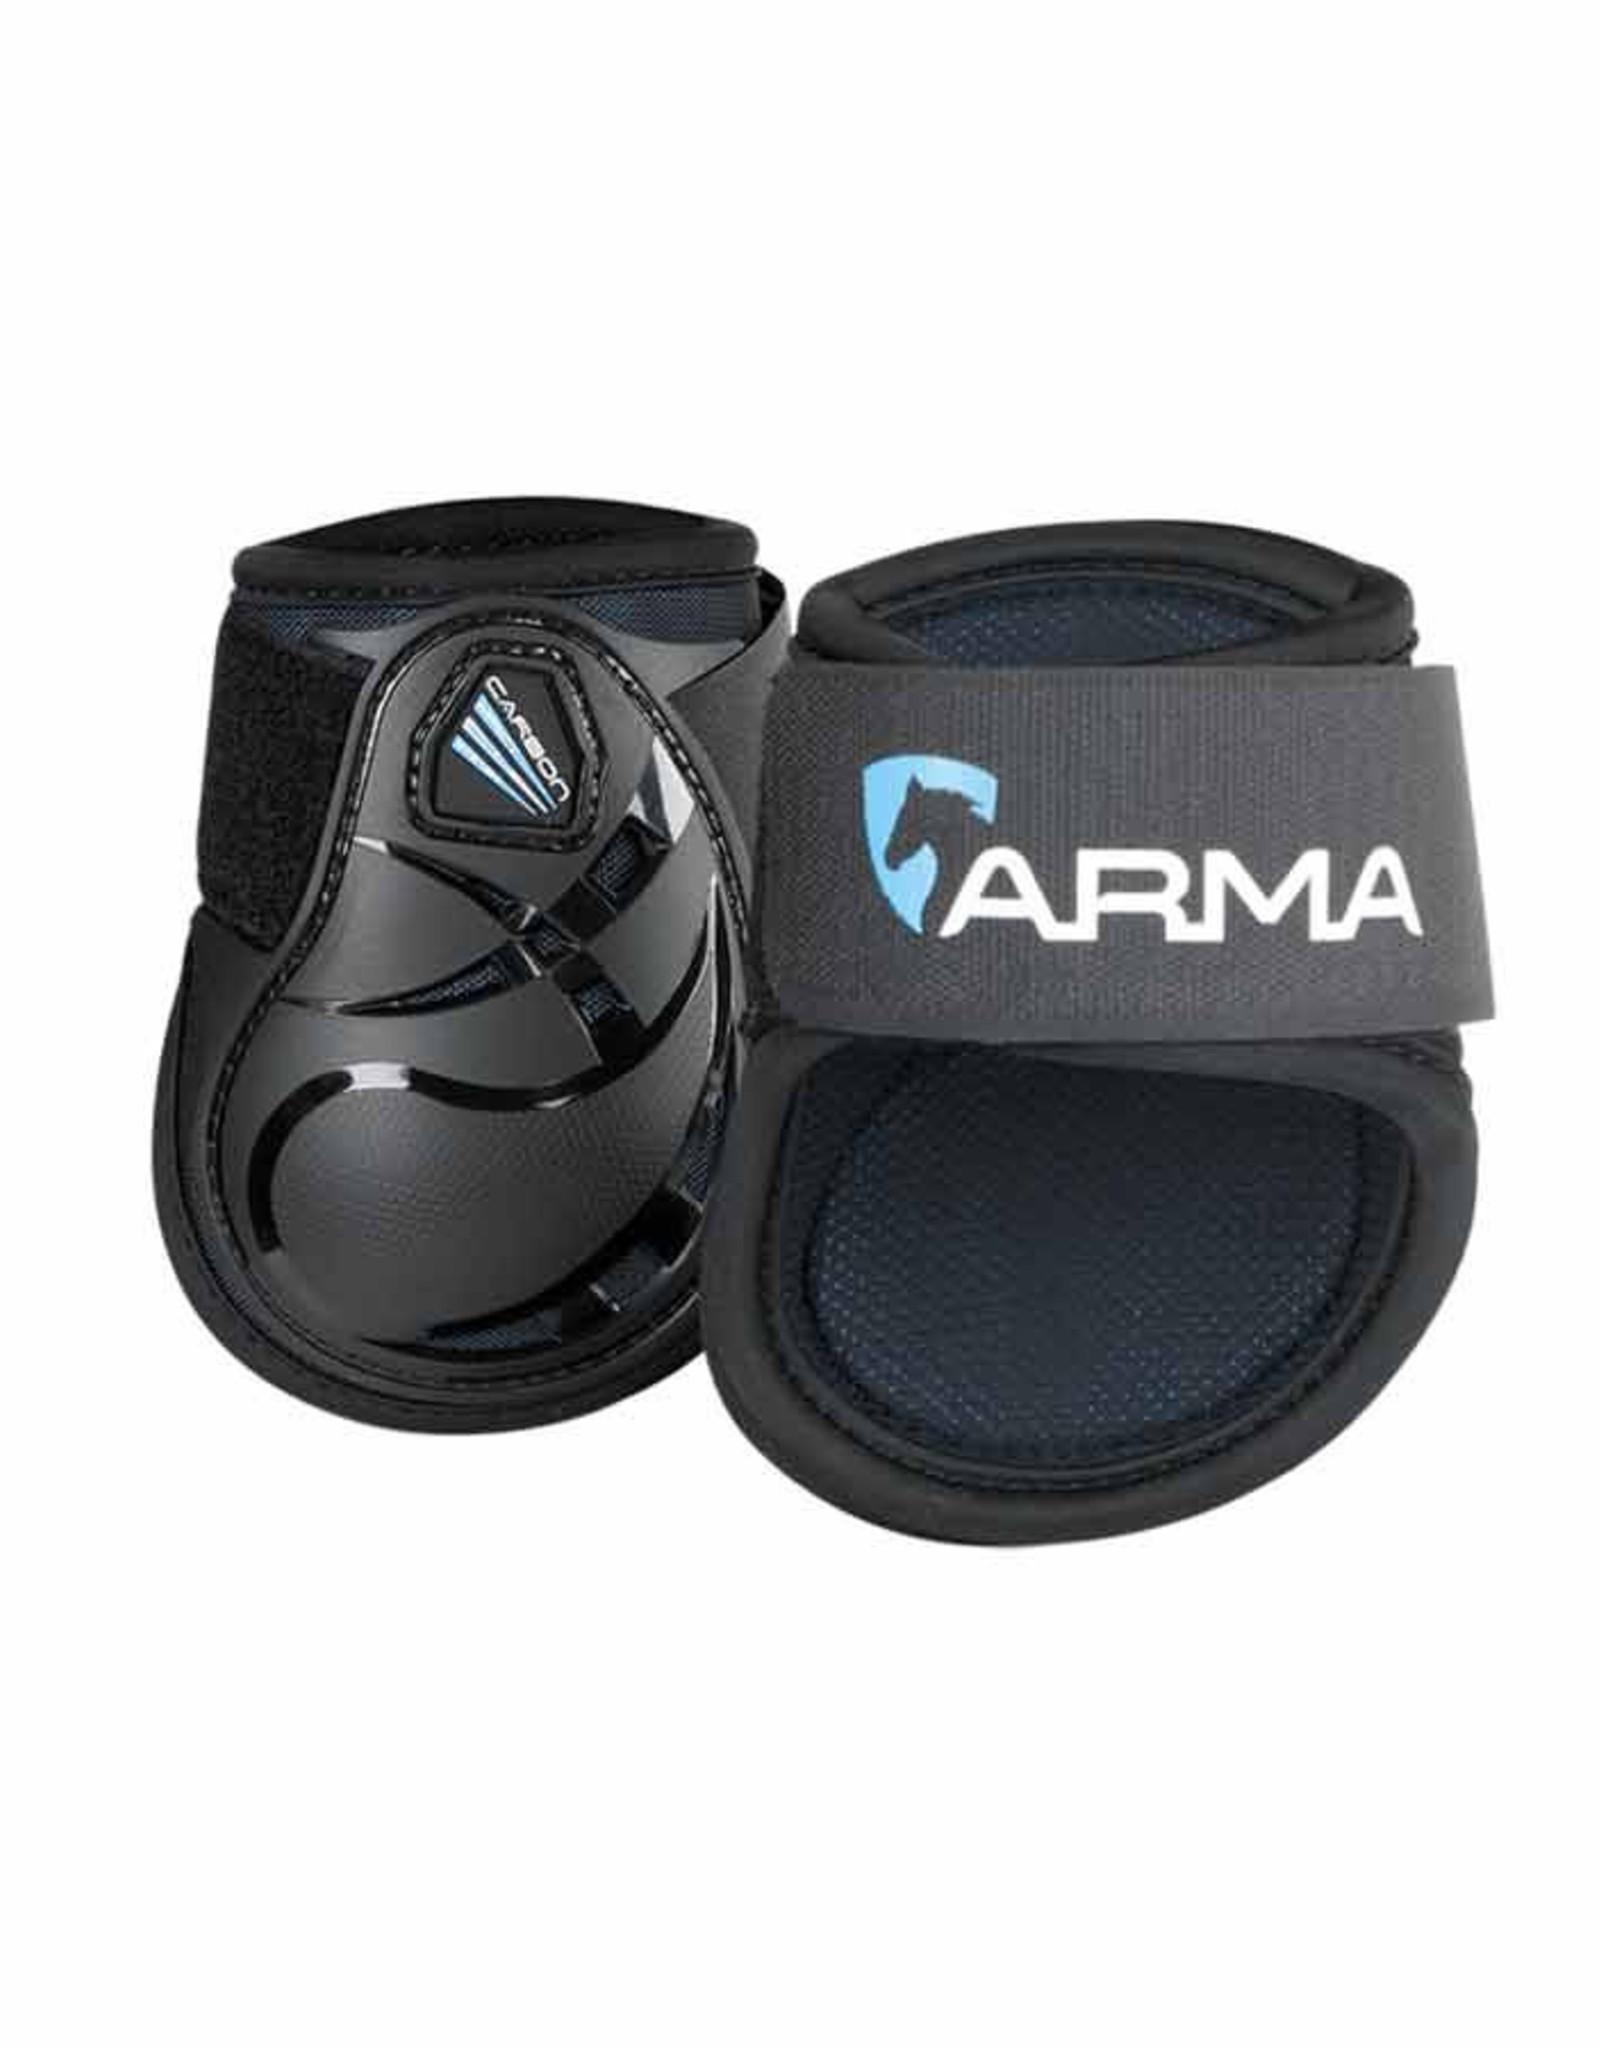 ARMA CARBON FETLOCK BOOTS